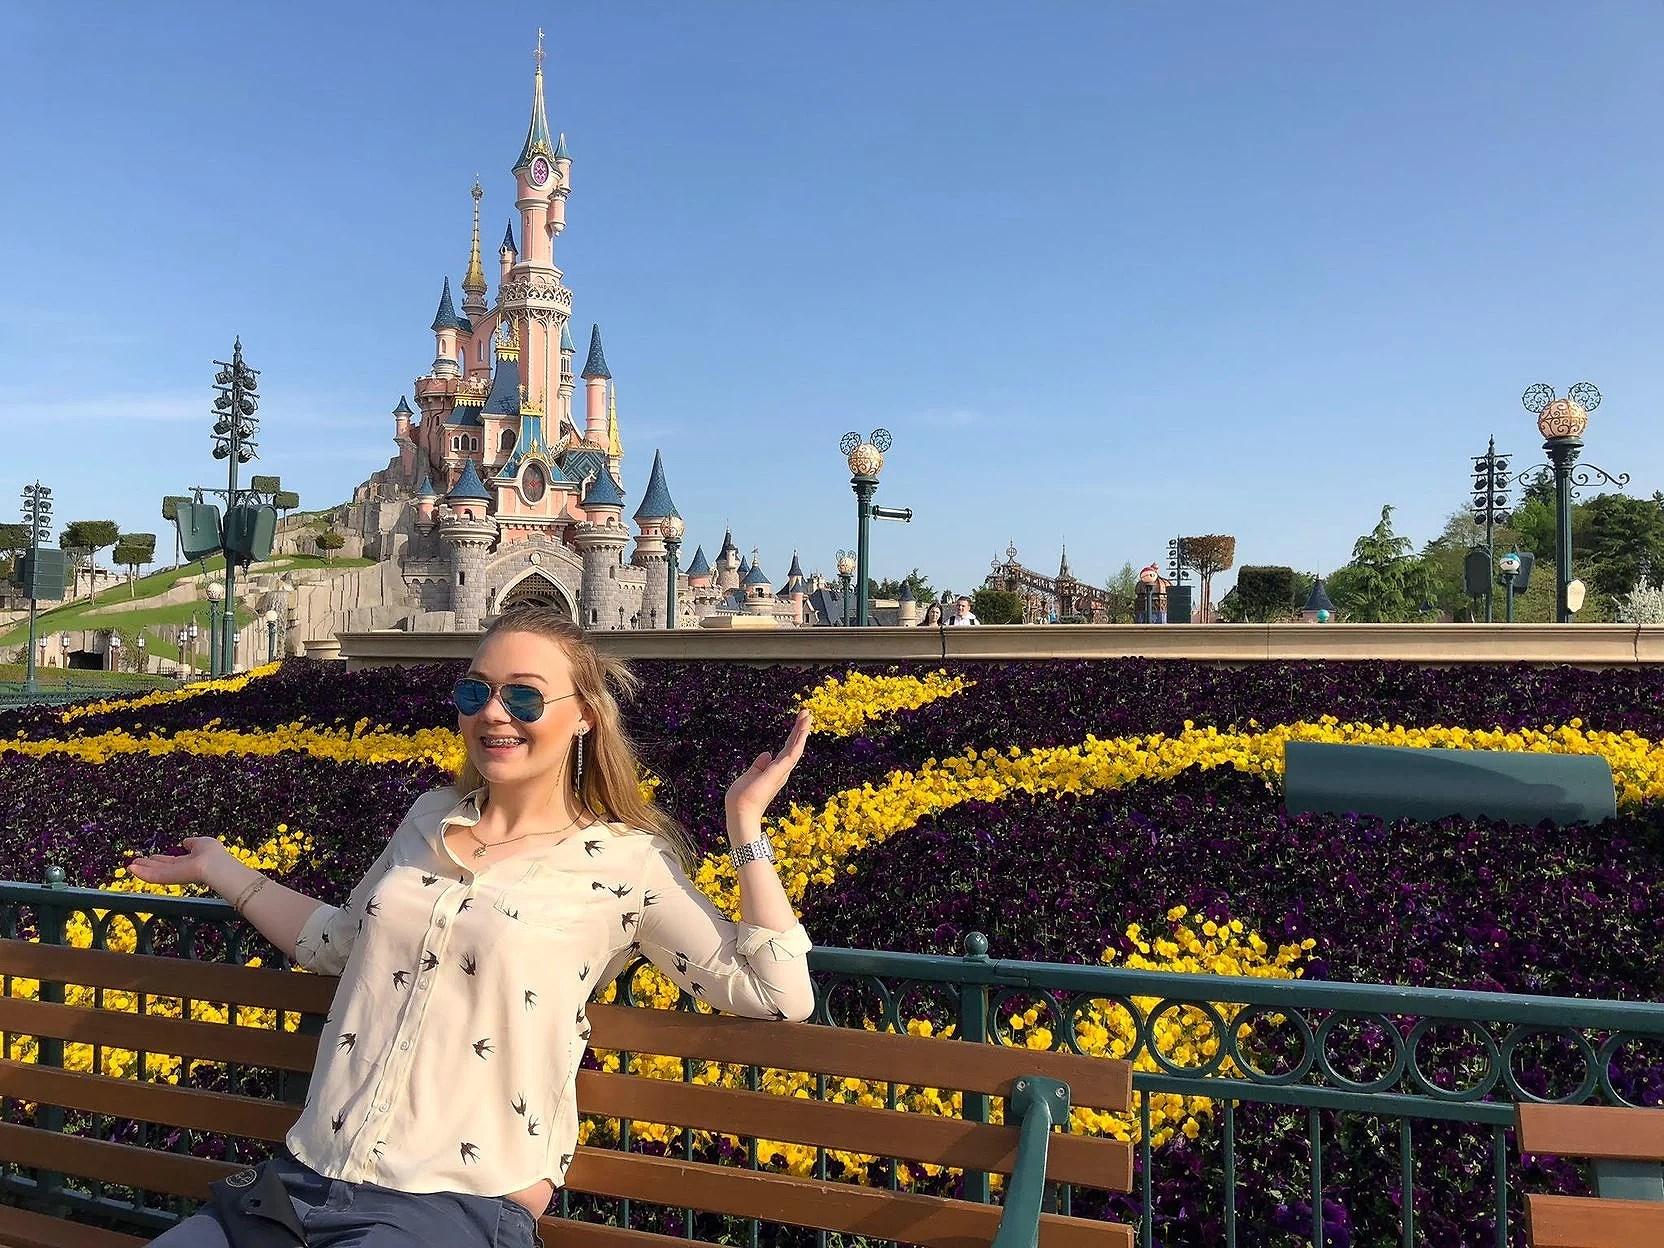 Reseberättelse från Sara - Disneyland Paris